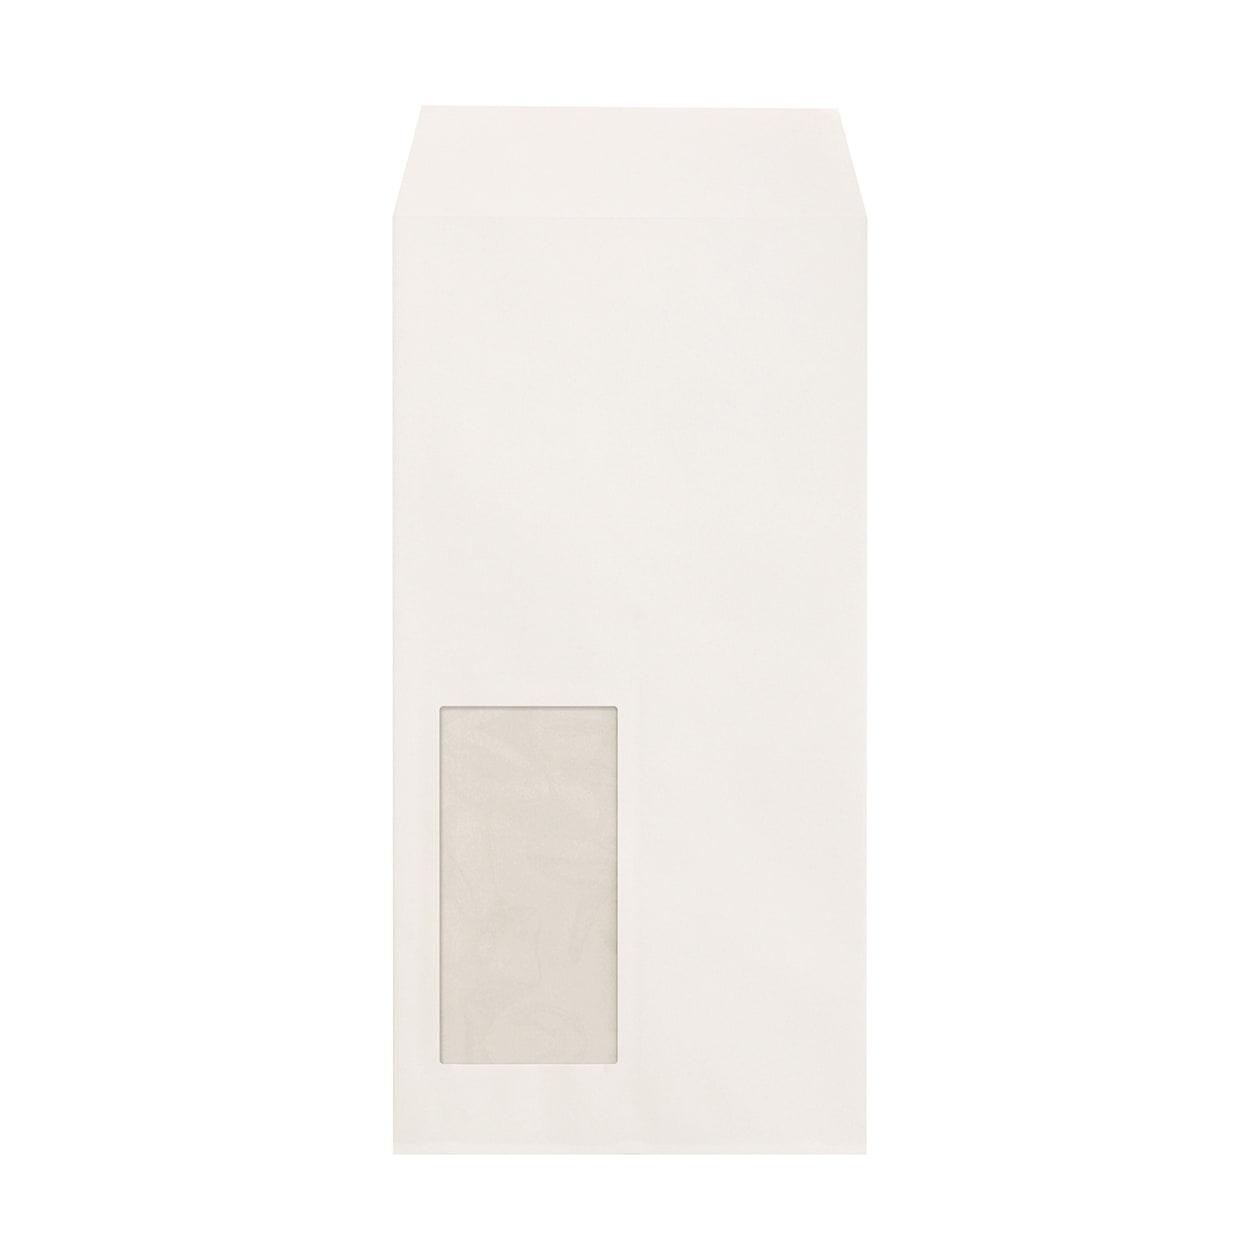 長3窓封筒 ハーフカラー99 ホワイト 81.4g